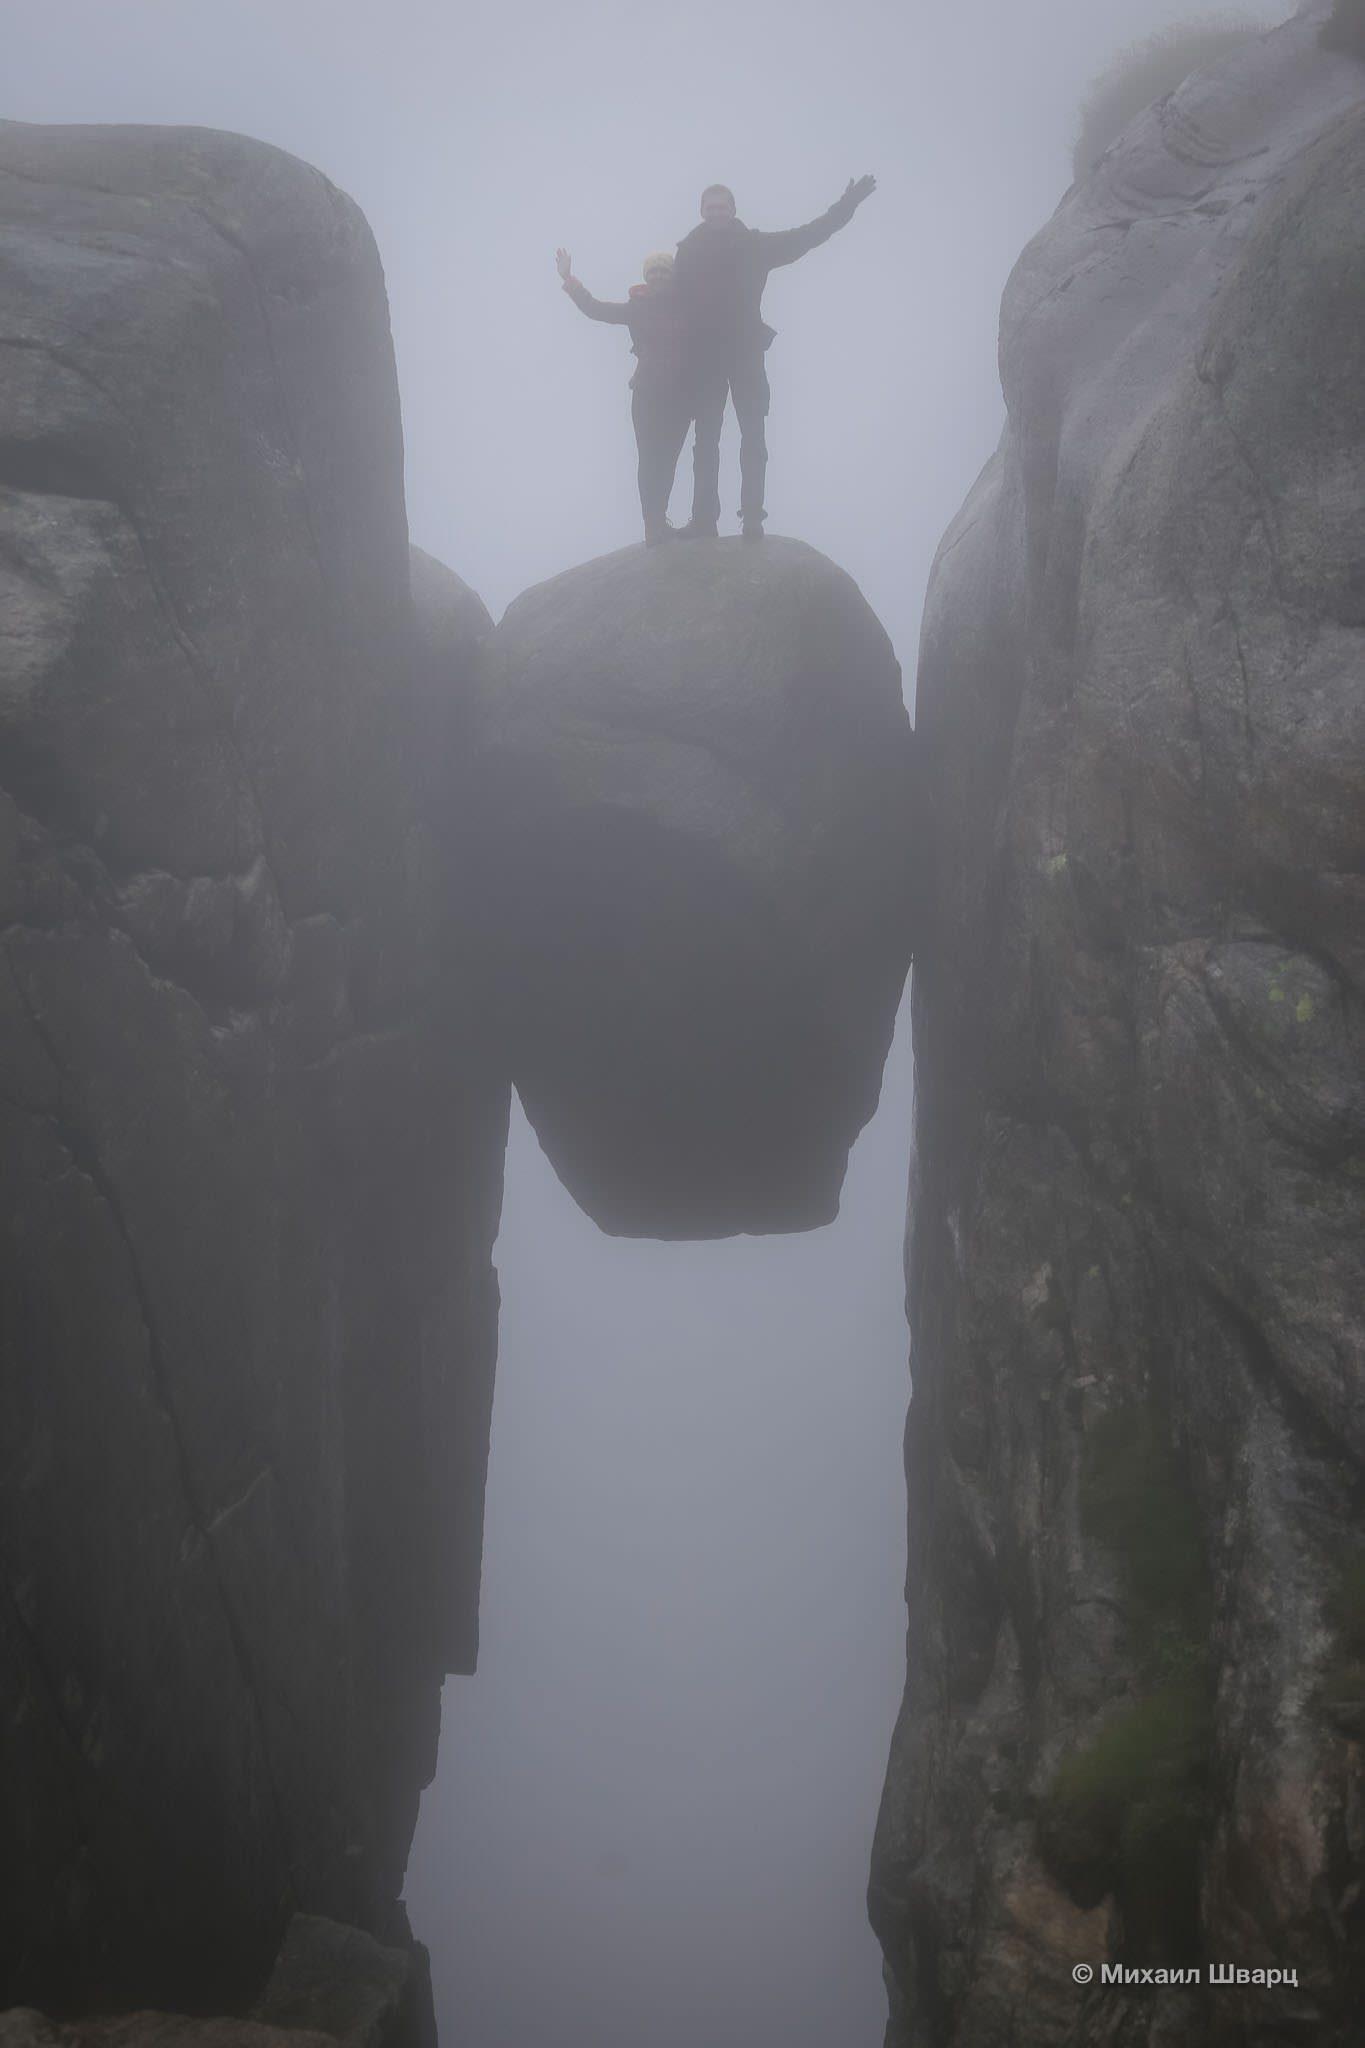 Пришли на Кьёраг, а там туман